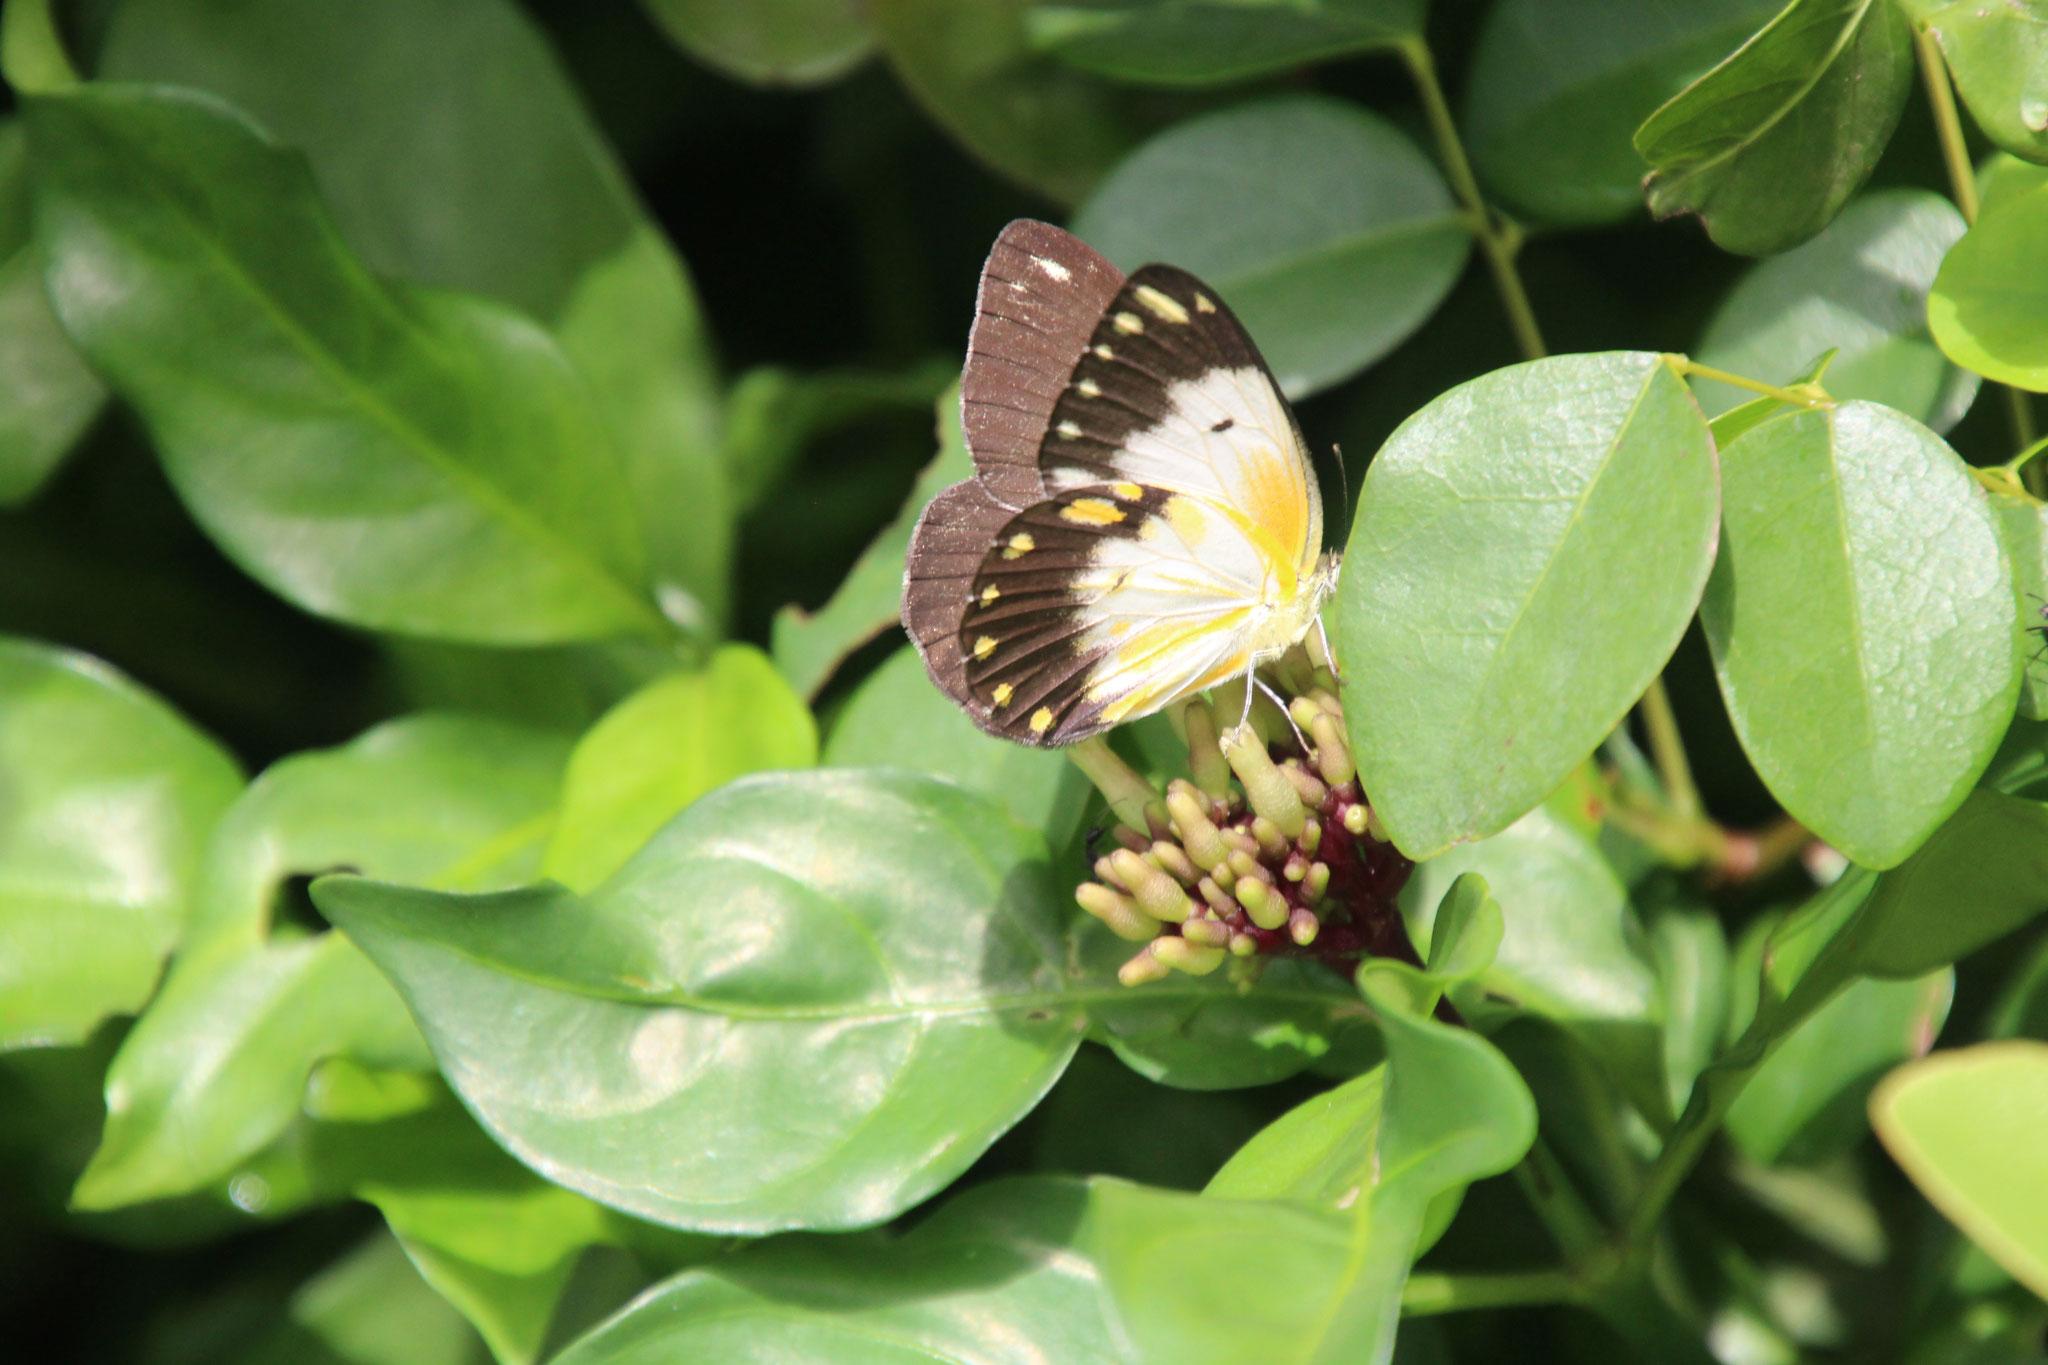 Schmetterling, das Männchen hat viel mehr gelb als das Weibchen. Auch die Punkte am Flügelrand sind Gelb.